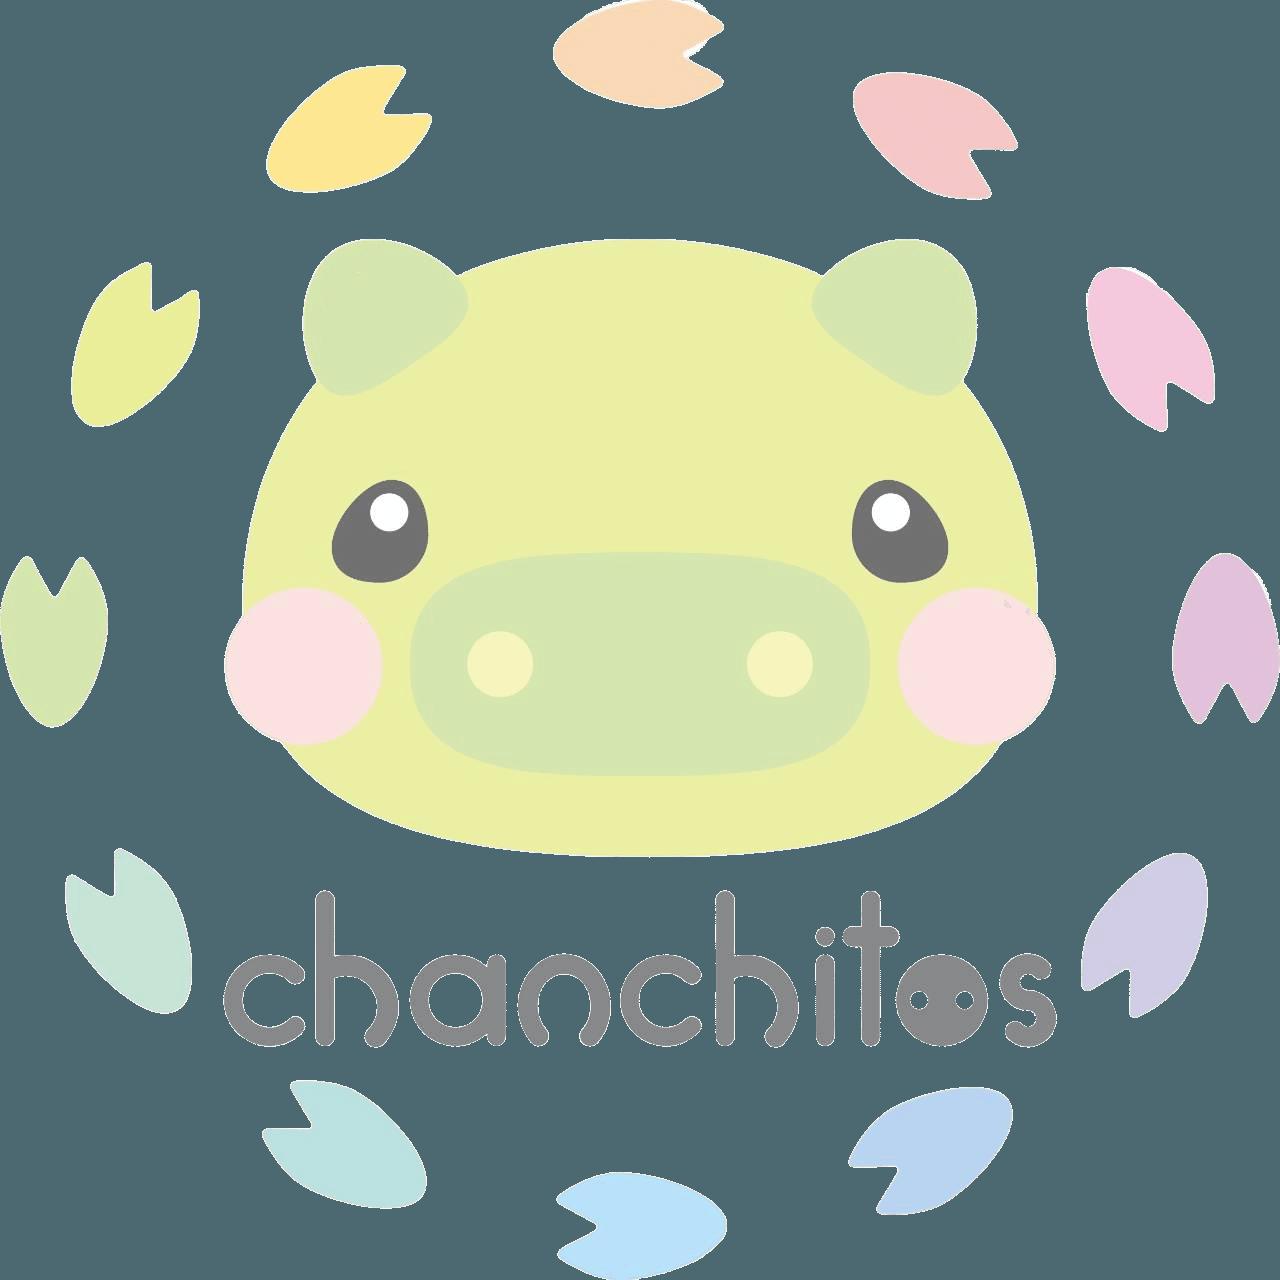 chanchitos~赤ちゃんともち広島~